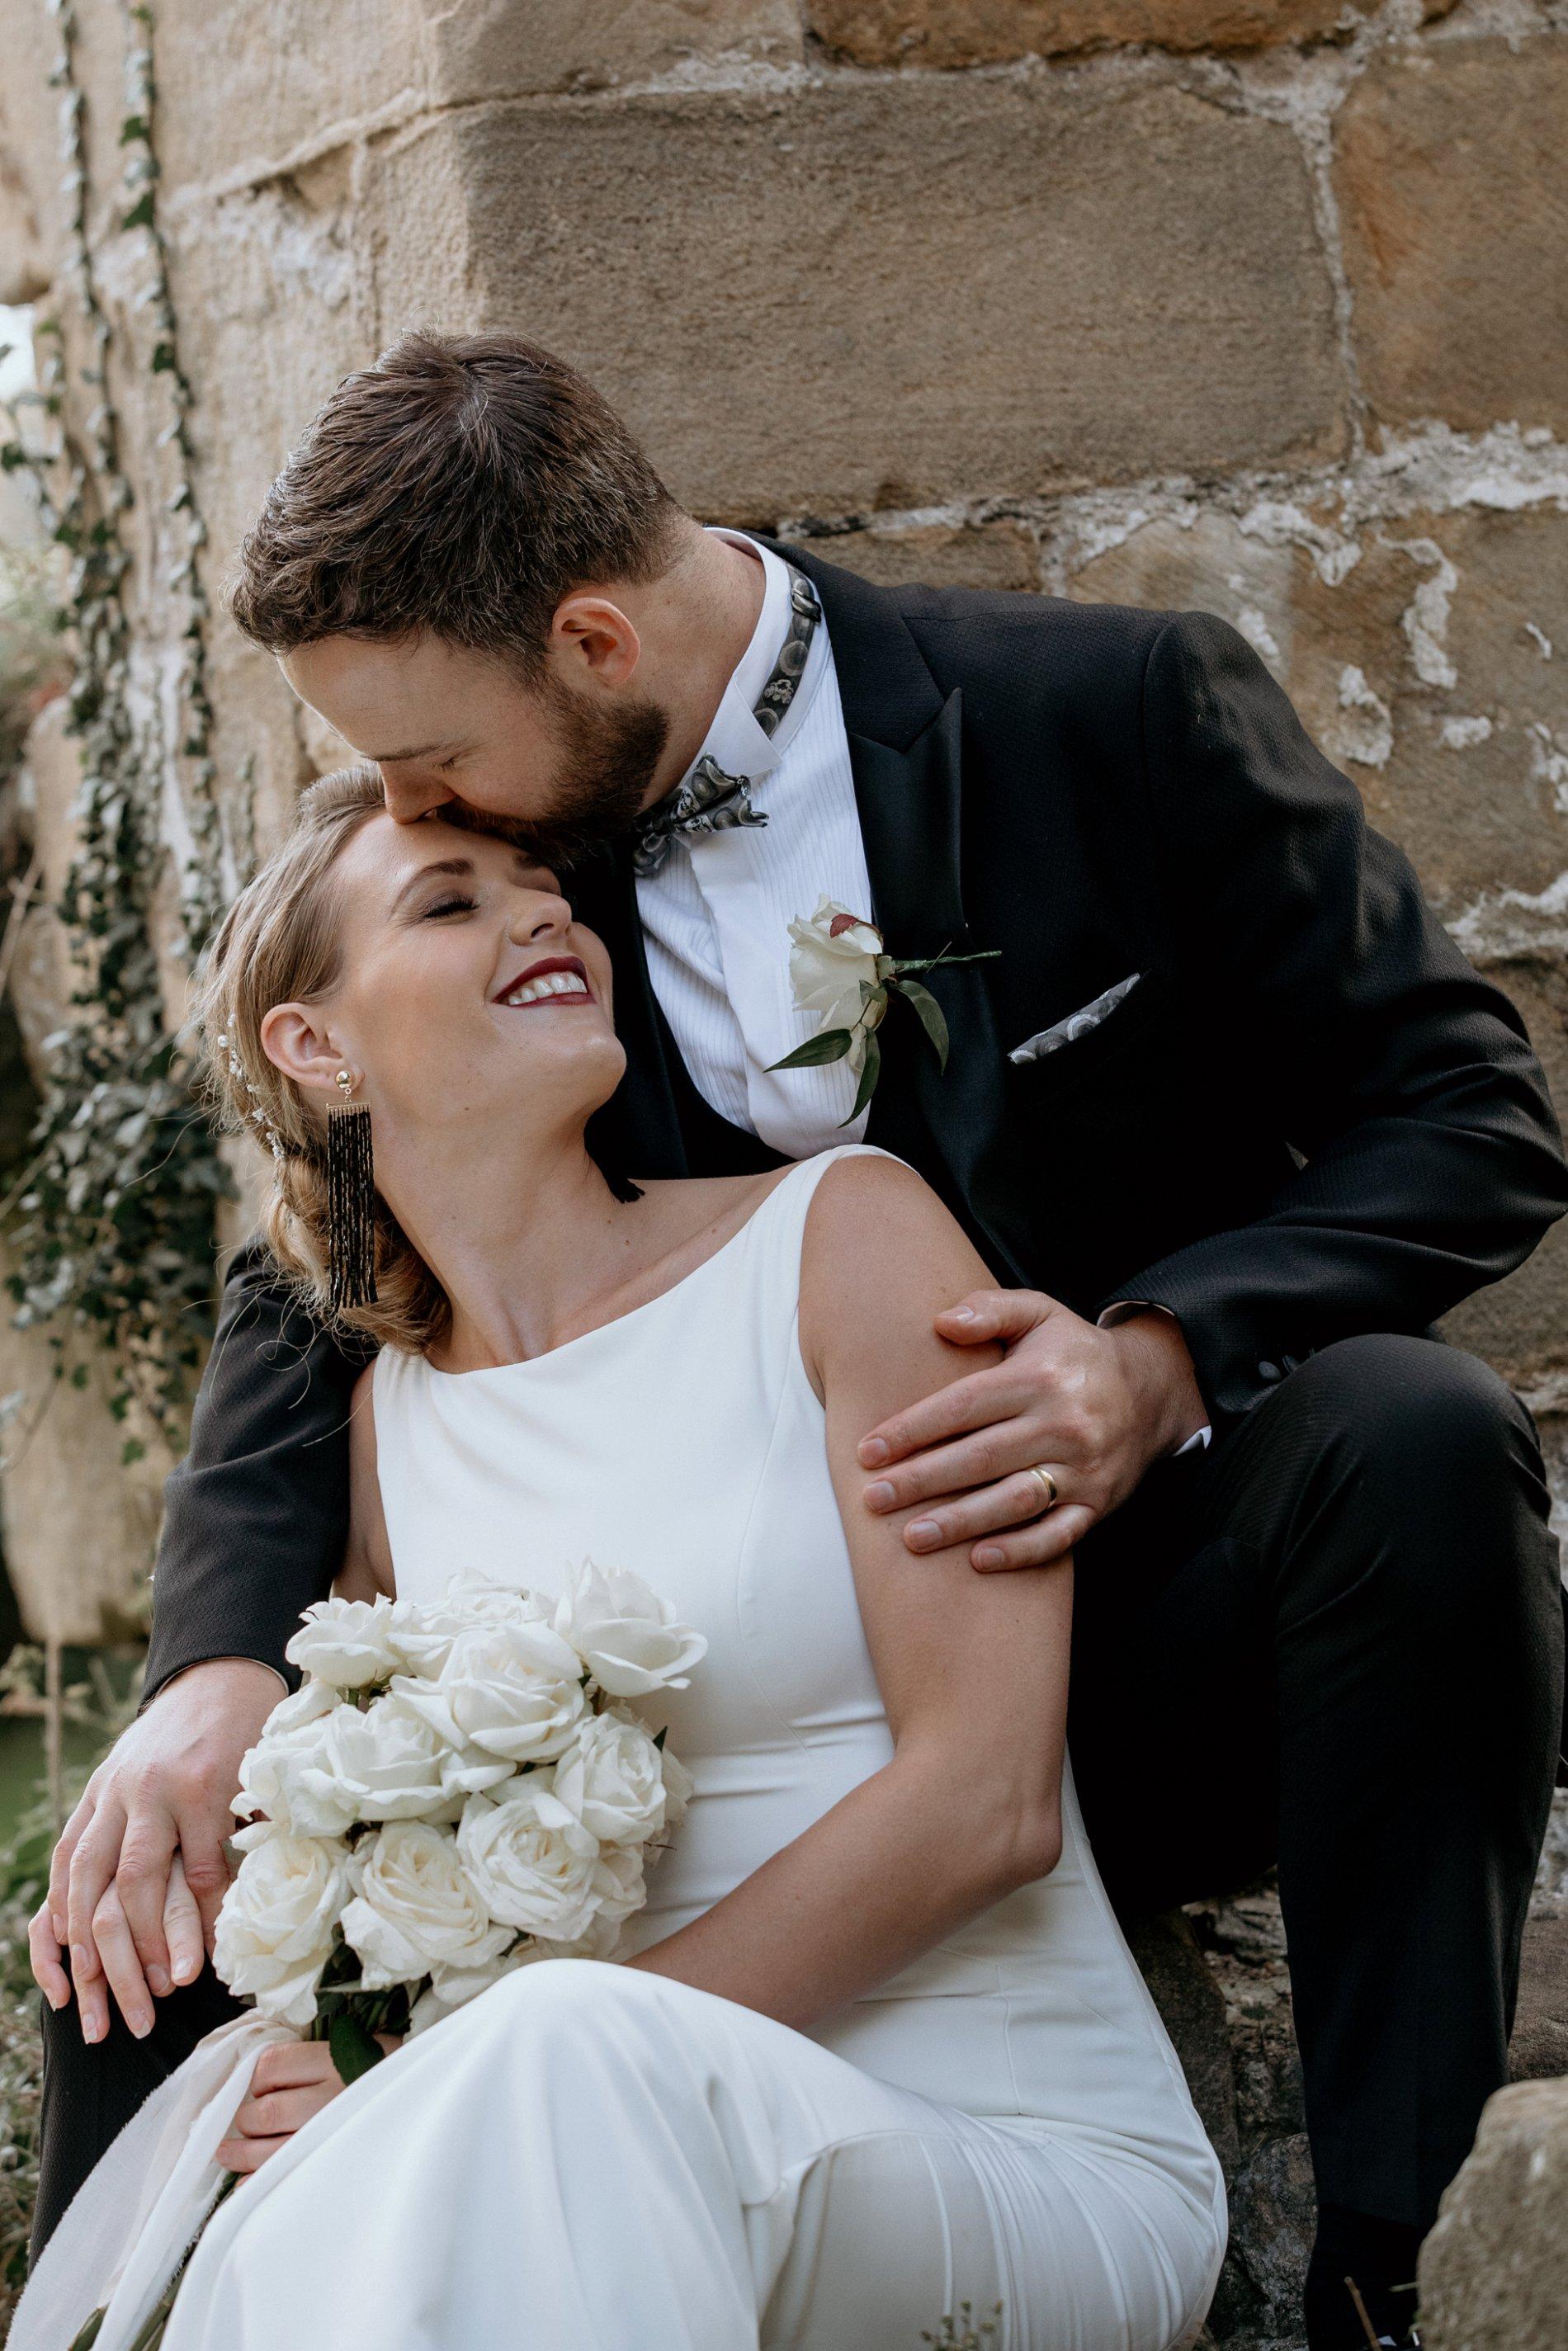 An Elegant Wedding Shoot at Jervaulx Abbey (c) Natalie Hamilton Photography (61)